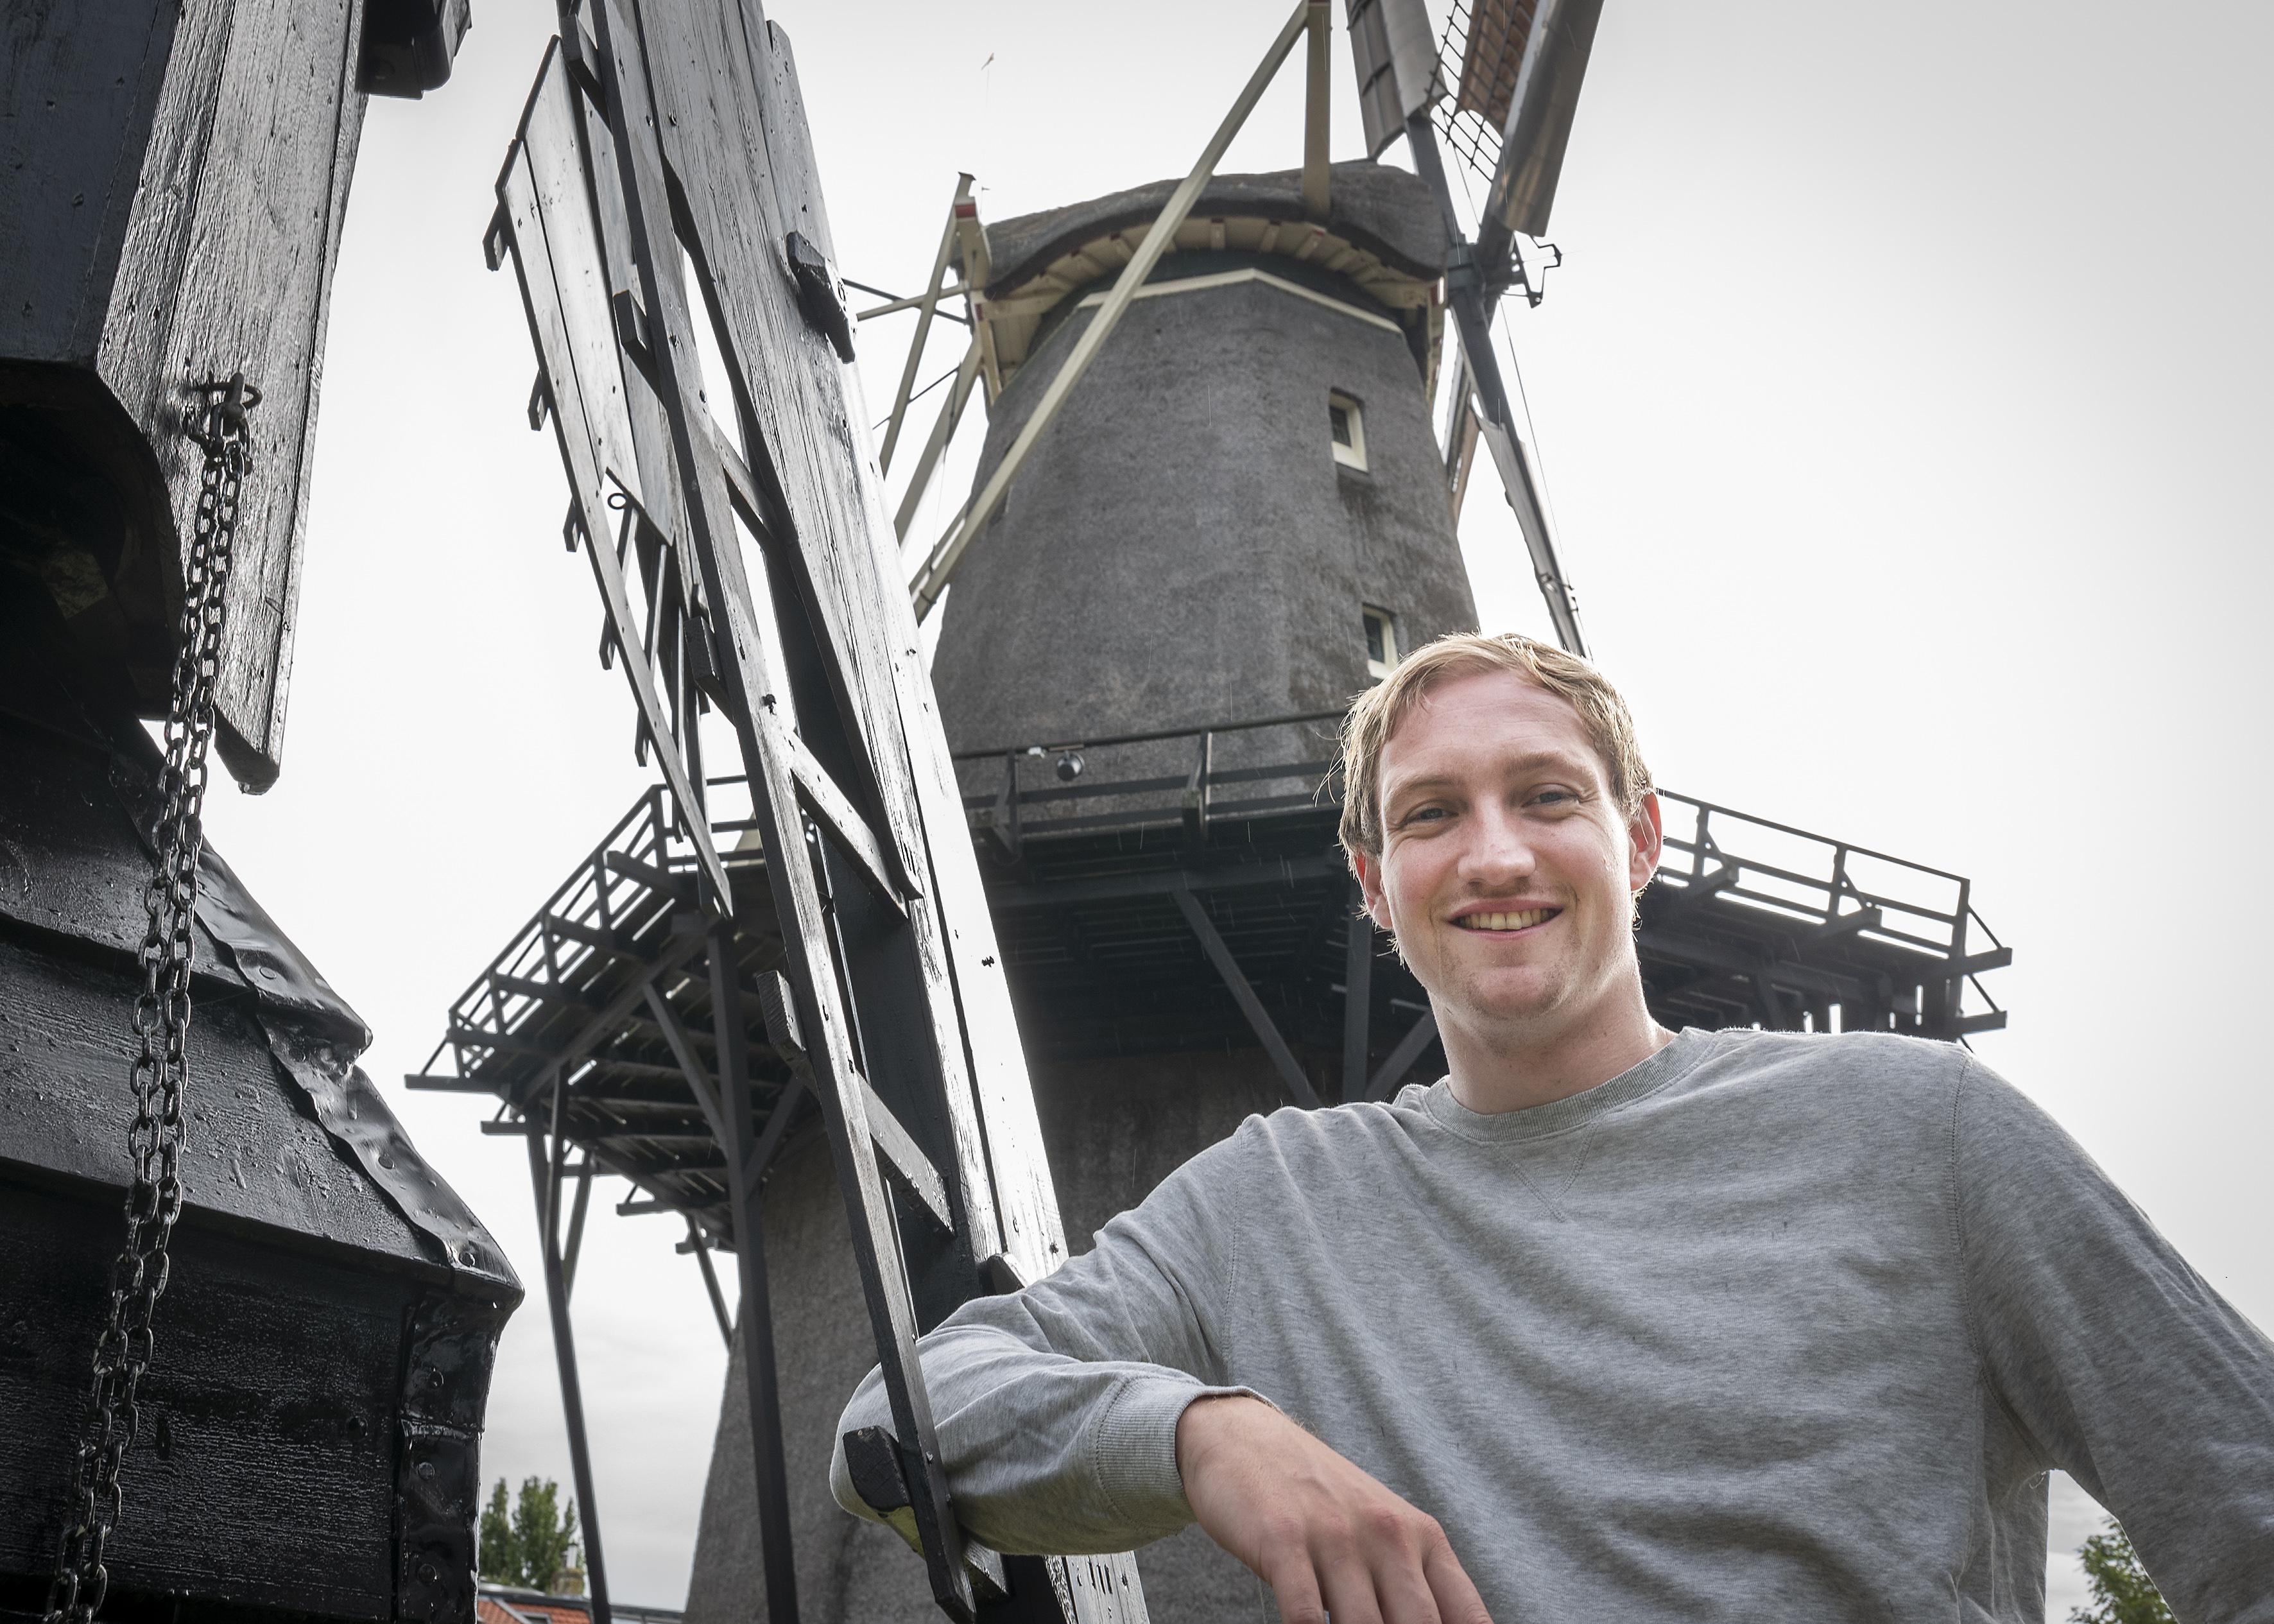 Een leven als molenaar ziet Pieter Kors niet zitten, maar voetballen bij DSS des te meer